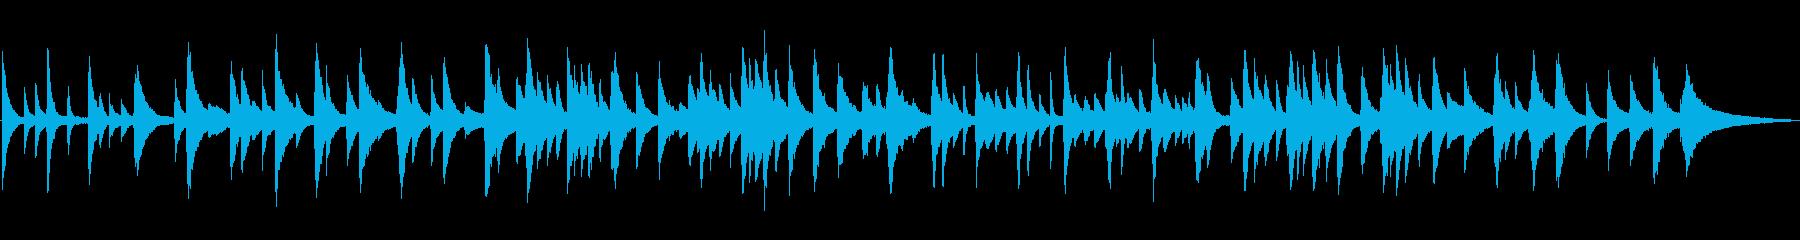 しっとり静かなピアノソロ/ジャズラウンジの再生済みの波形